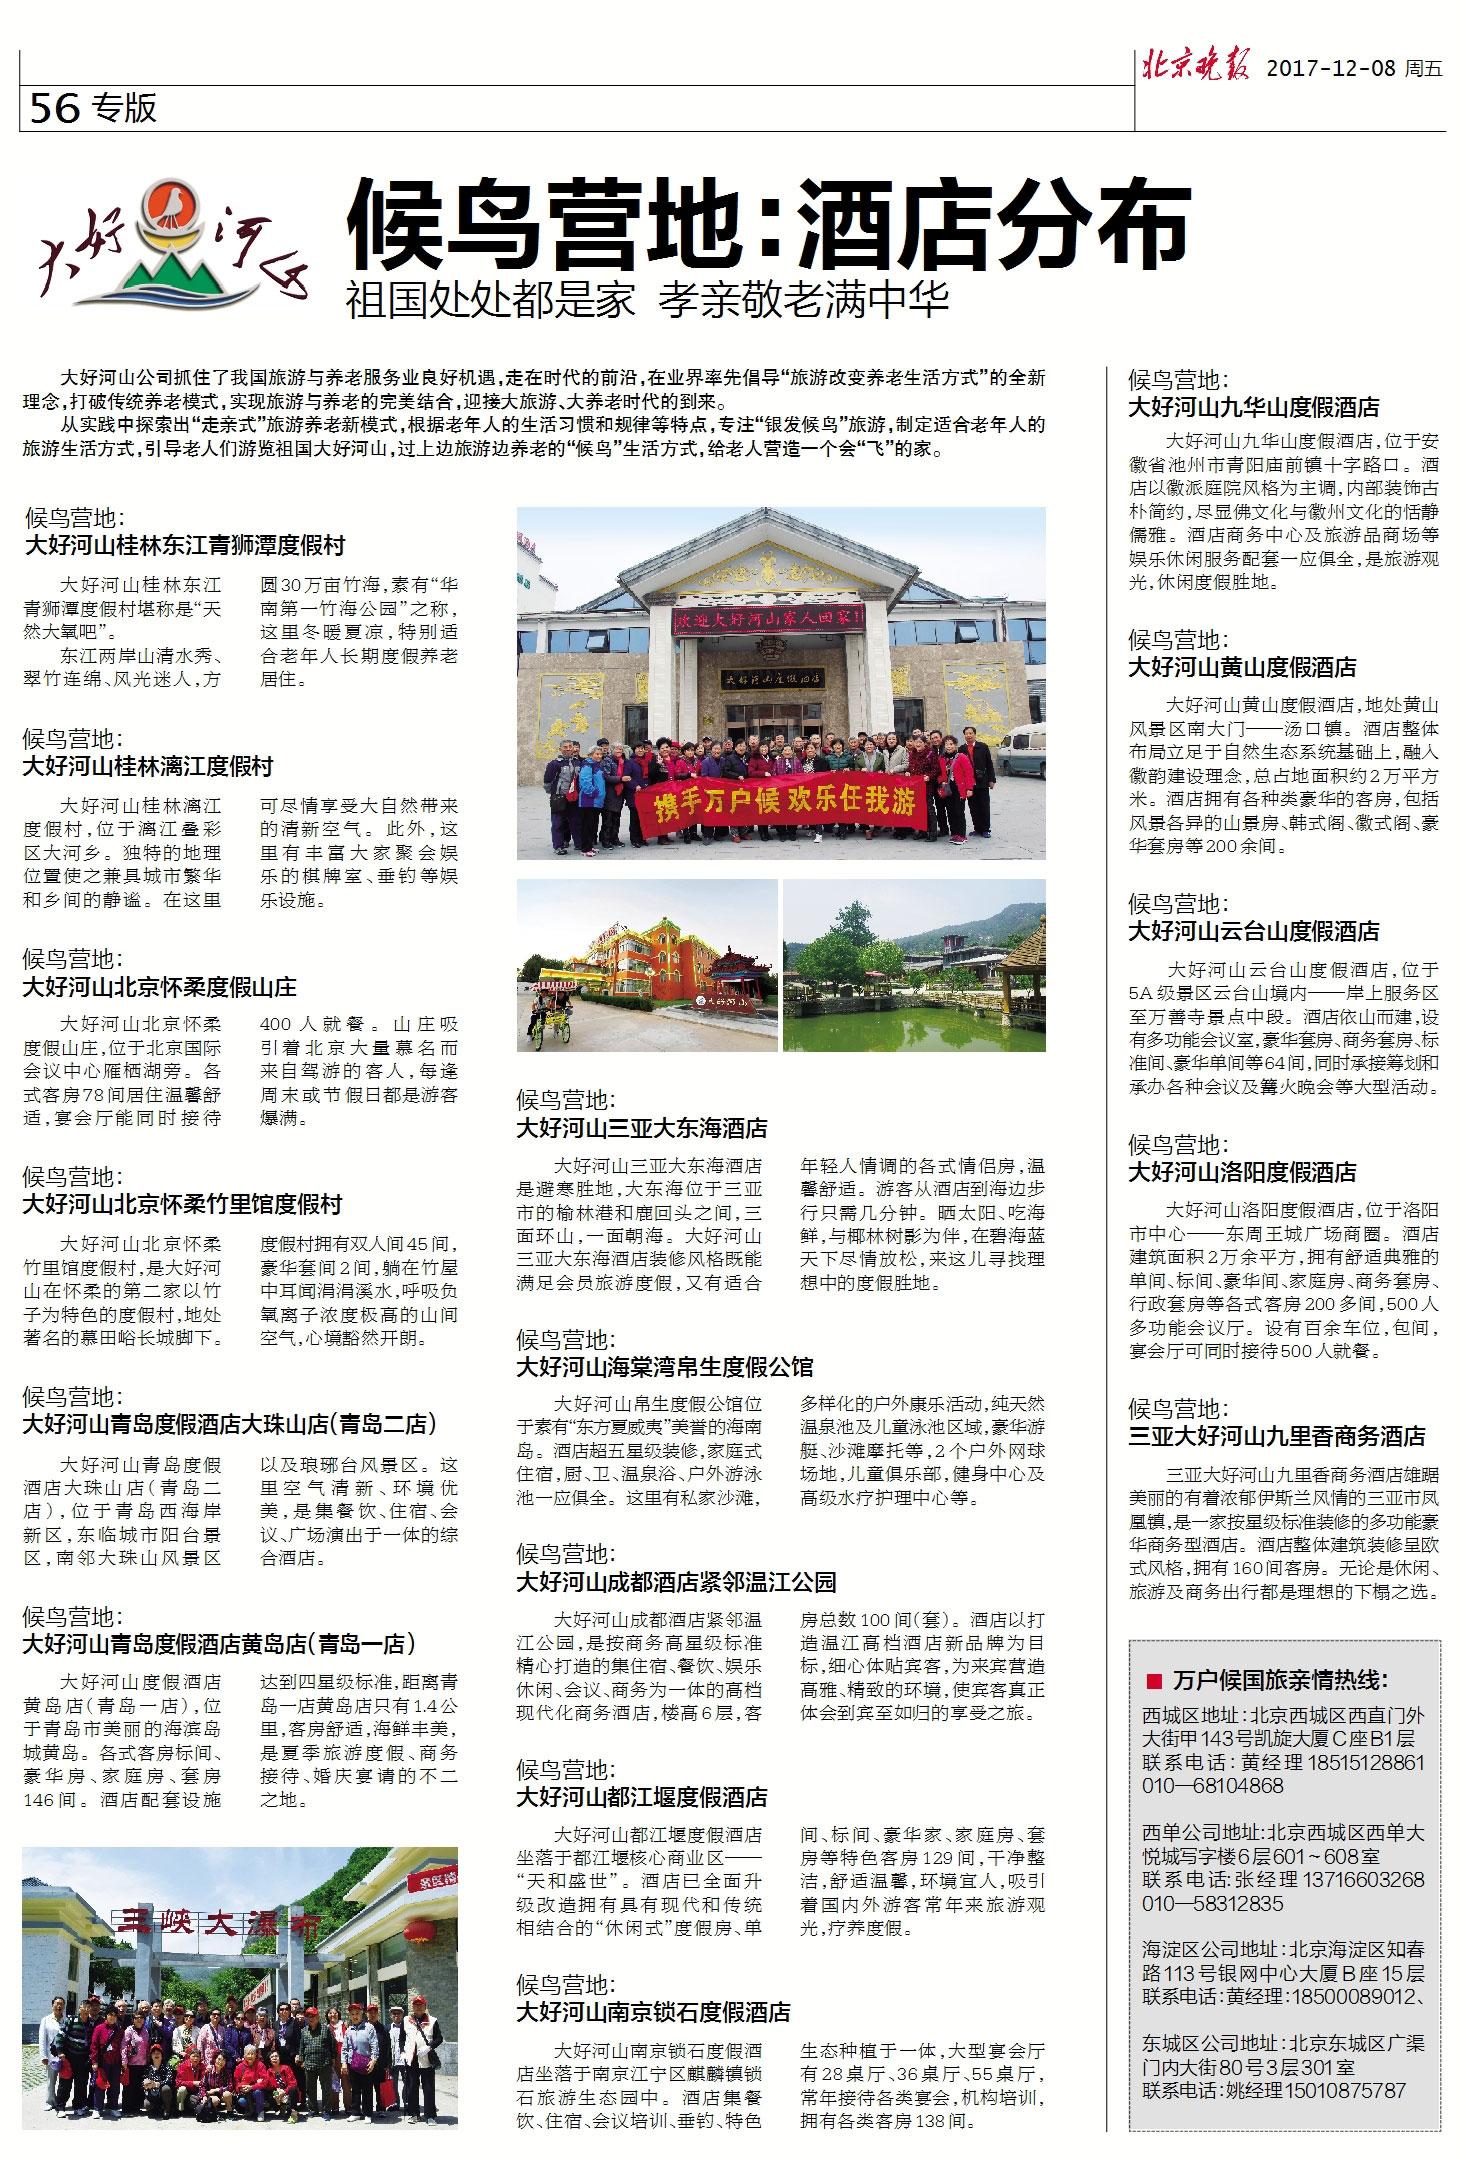 北京晚报 2017-12-08 专版56